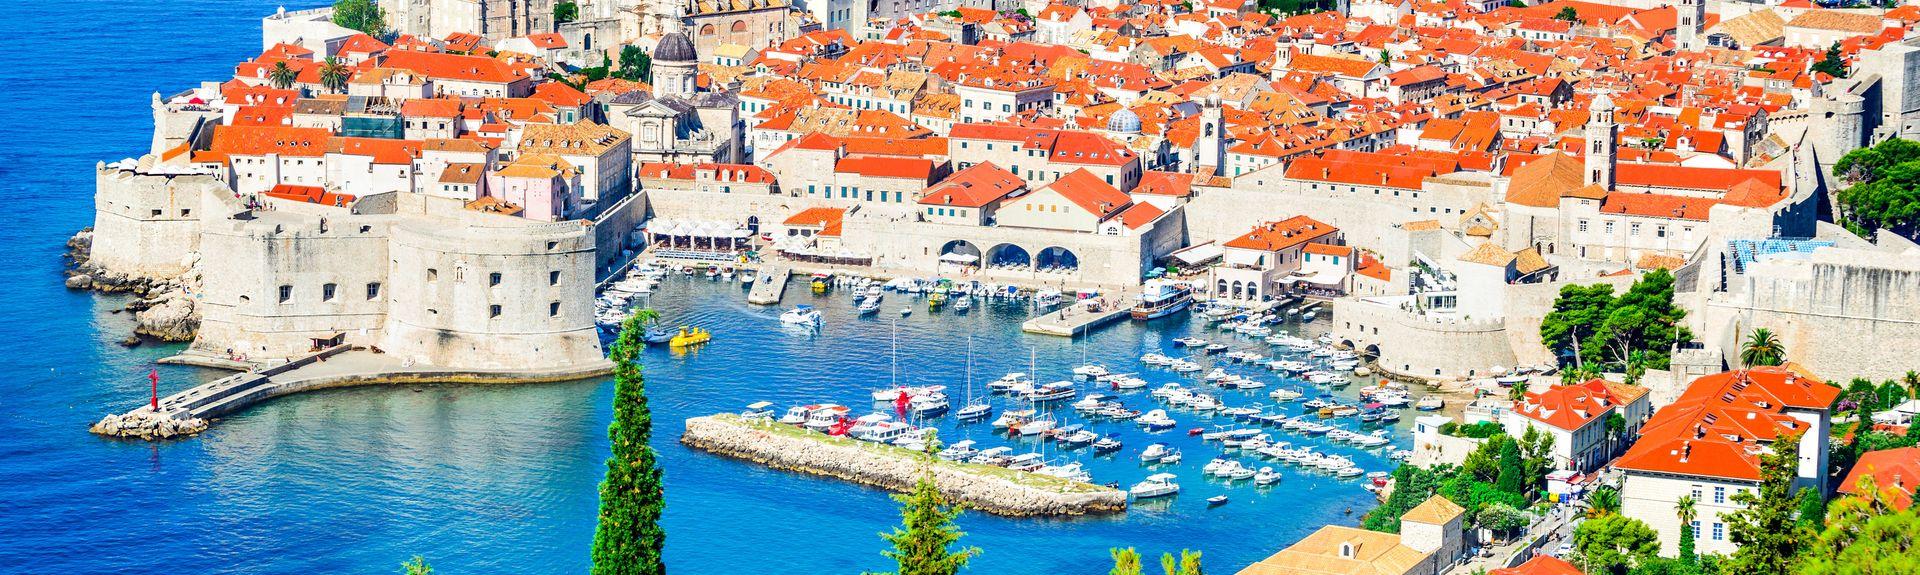 Dubrovnik, Dubrovnik-Neretva, Croatia